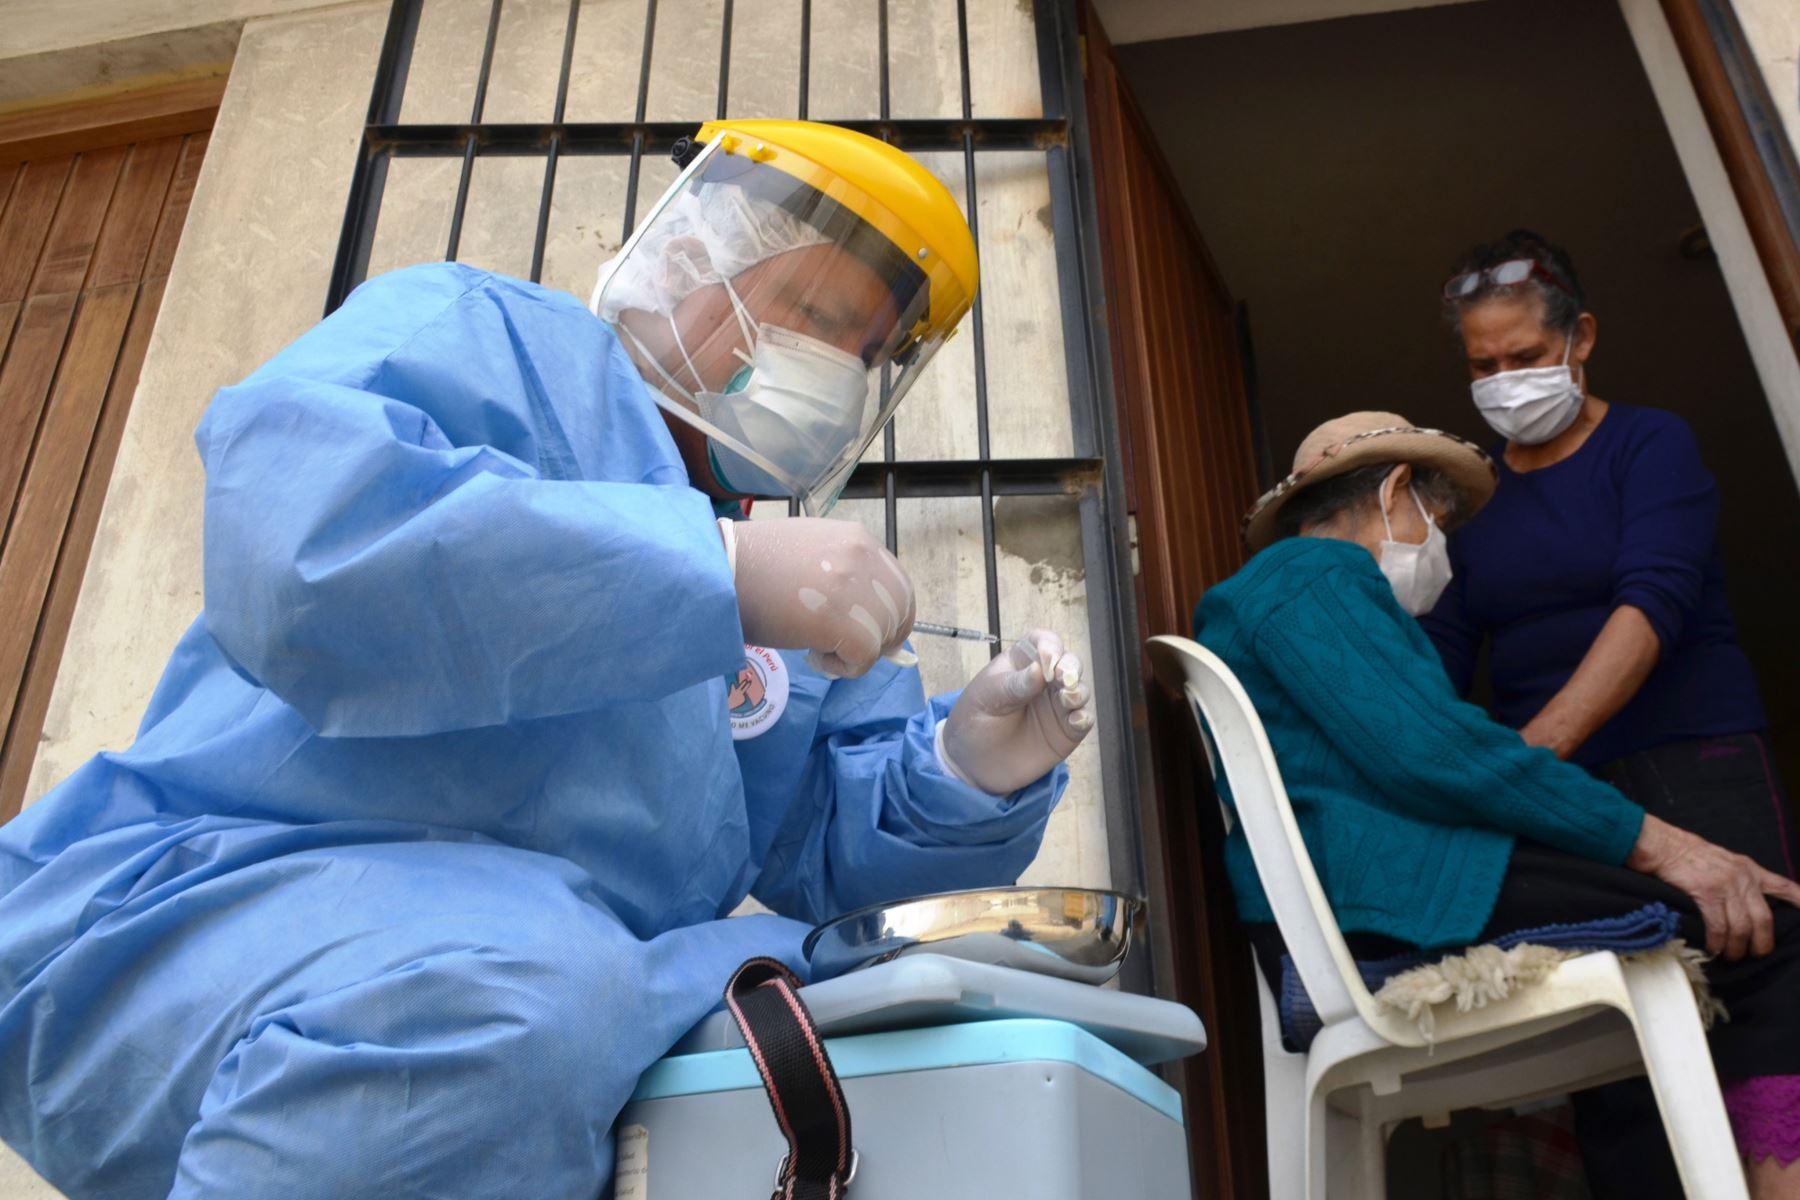 Covid-19: del 12 al 14 de octubre vacunarán casa por casa en distritos de Lima sur